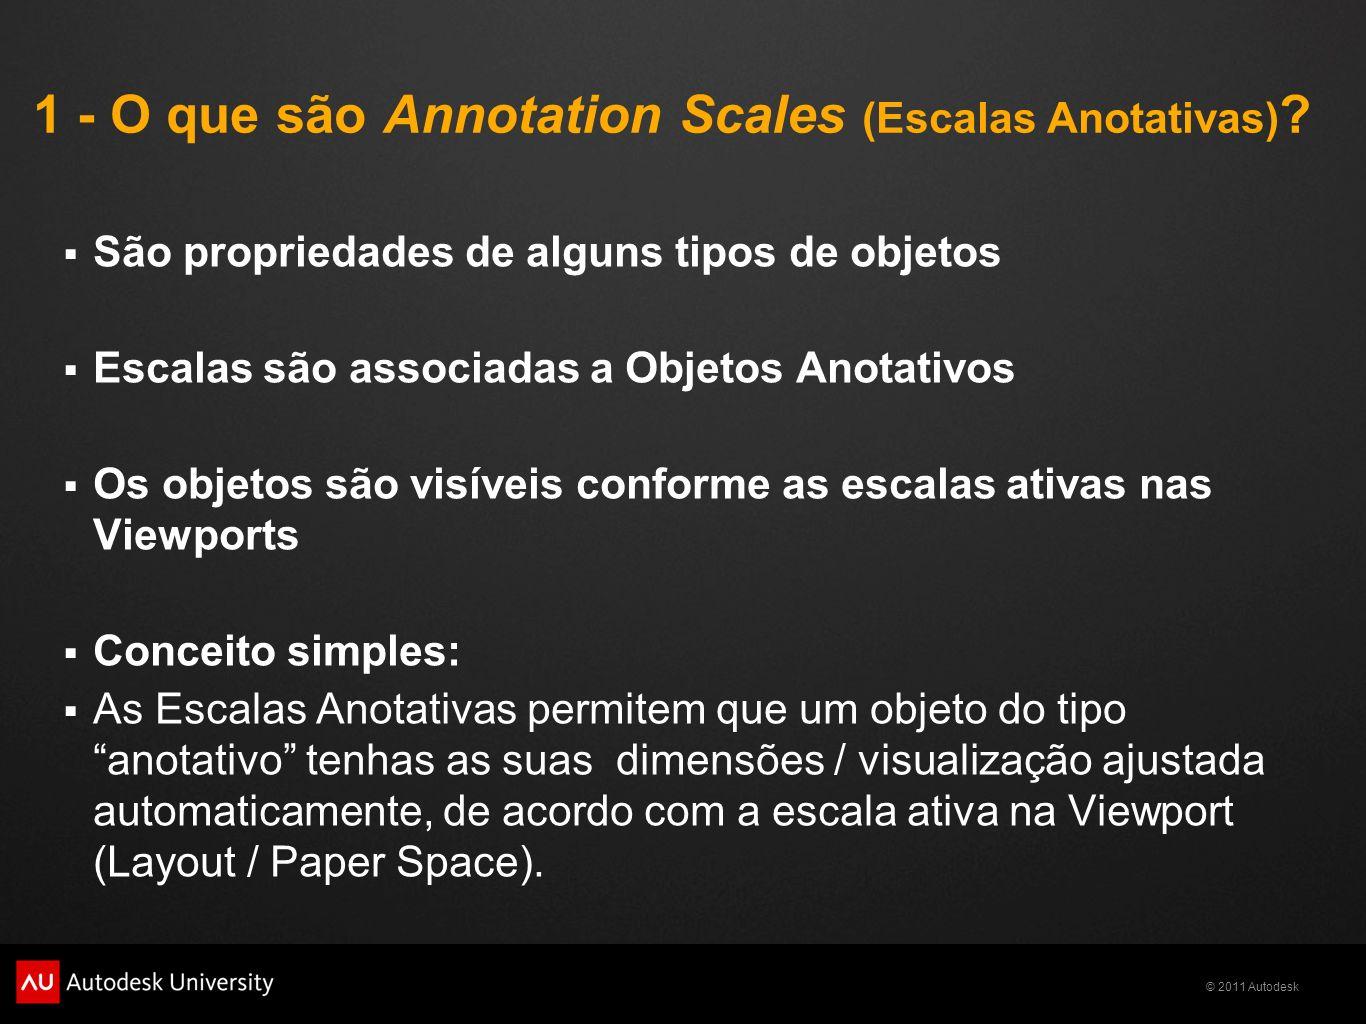 1 - O que são Annotation Scales (Escalas Anotativas)